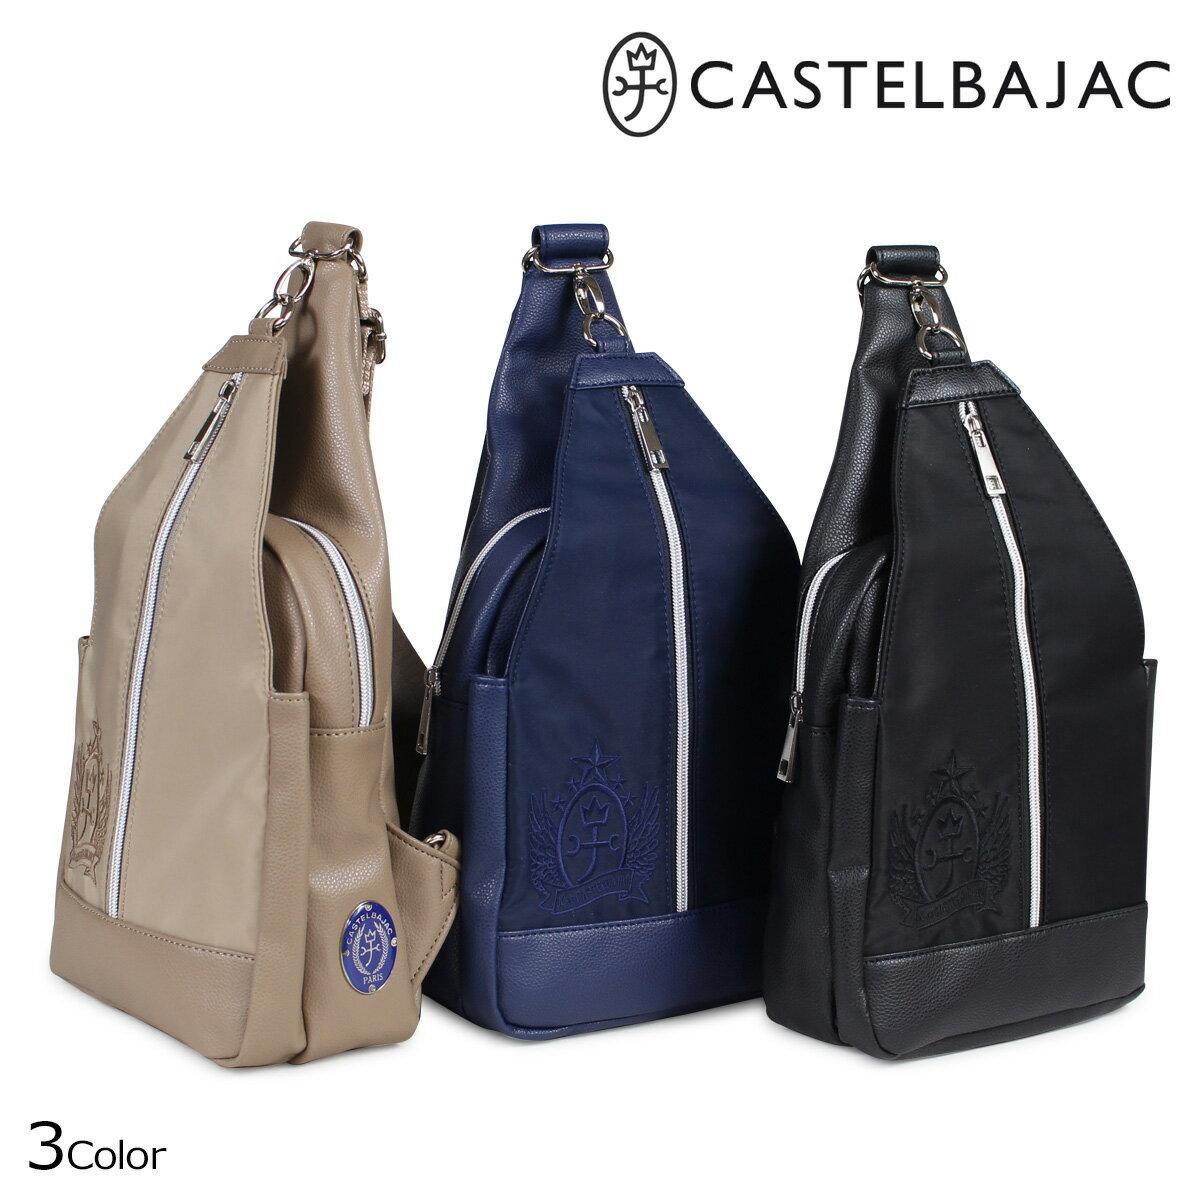 CASTELBAJAC カステルバジャック バッグ ボディーバッグ メンズ 23603137